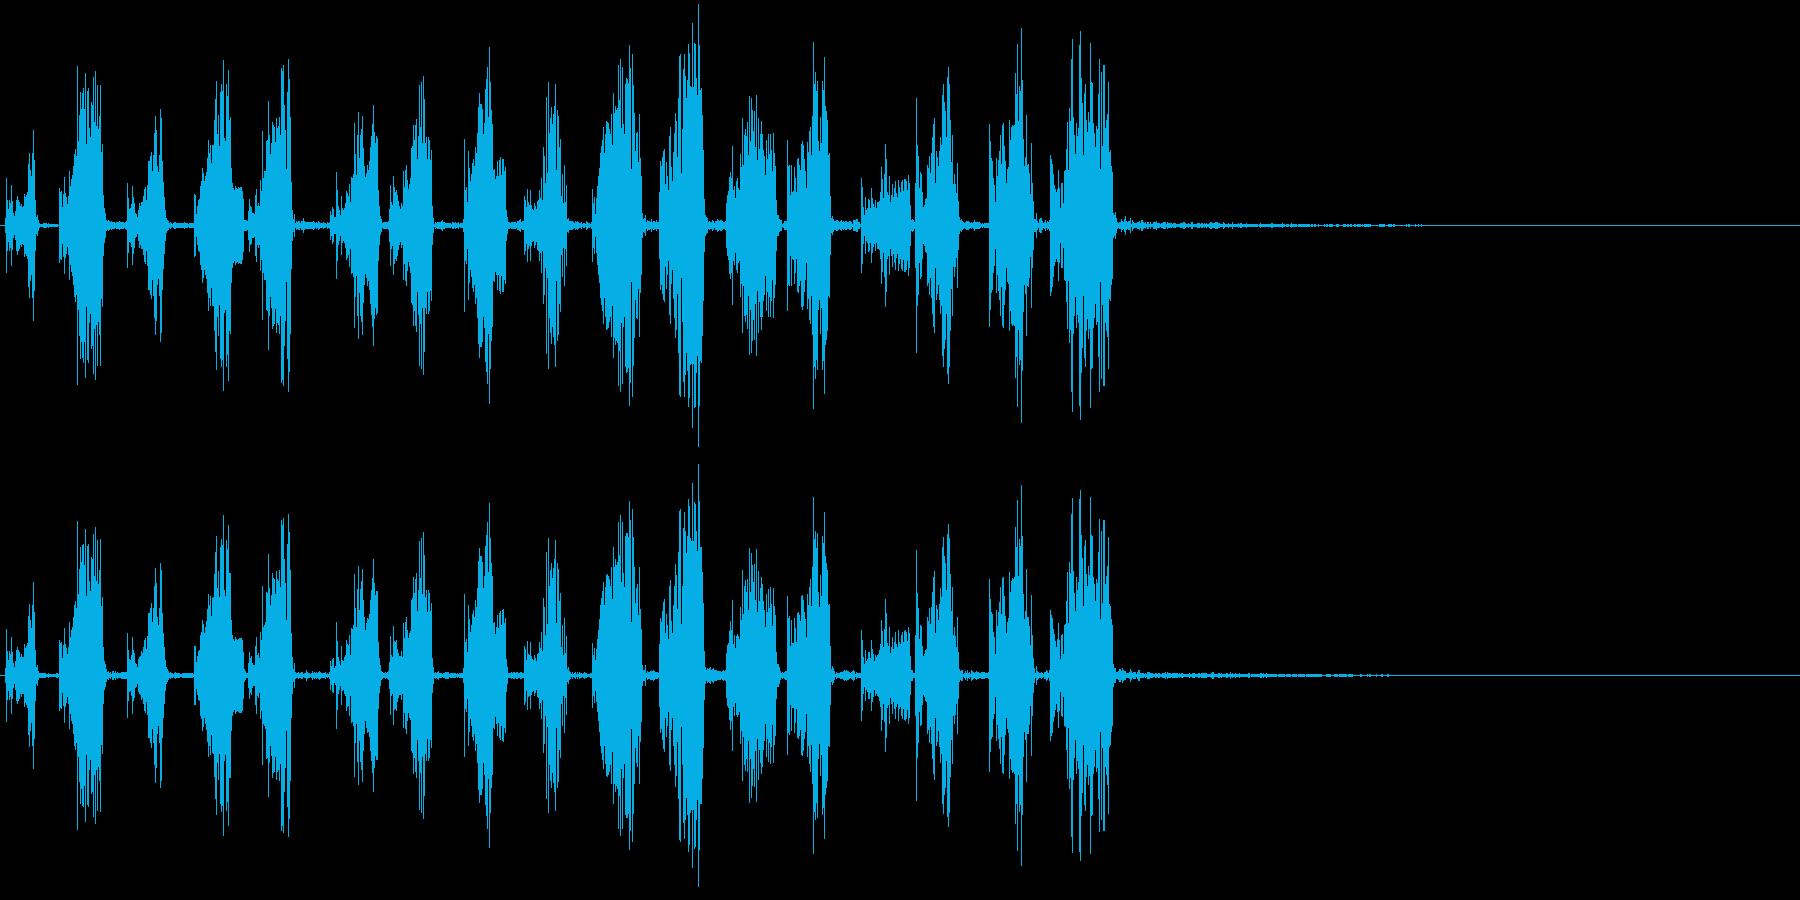 アコーデオン:シリー・タンブル・ダ...の再生済みの波形